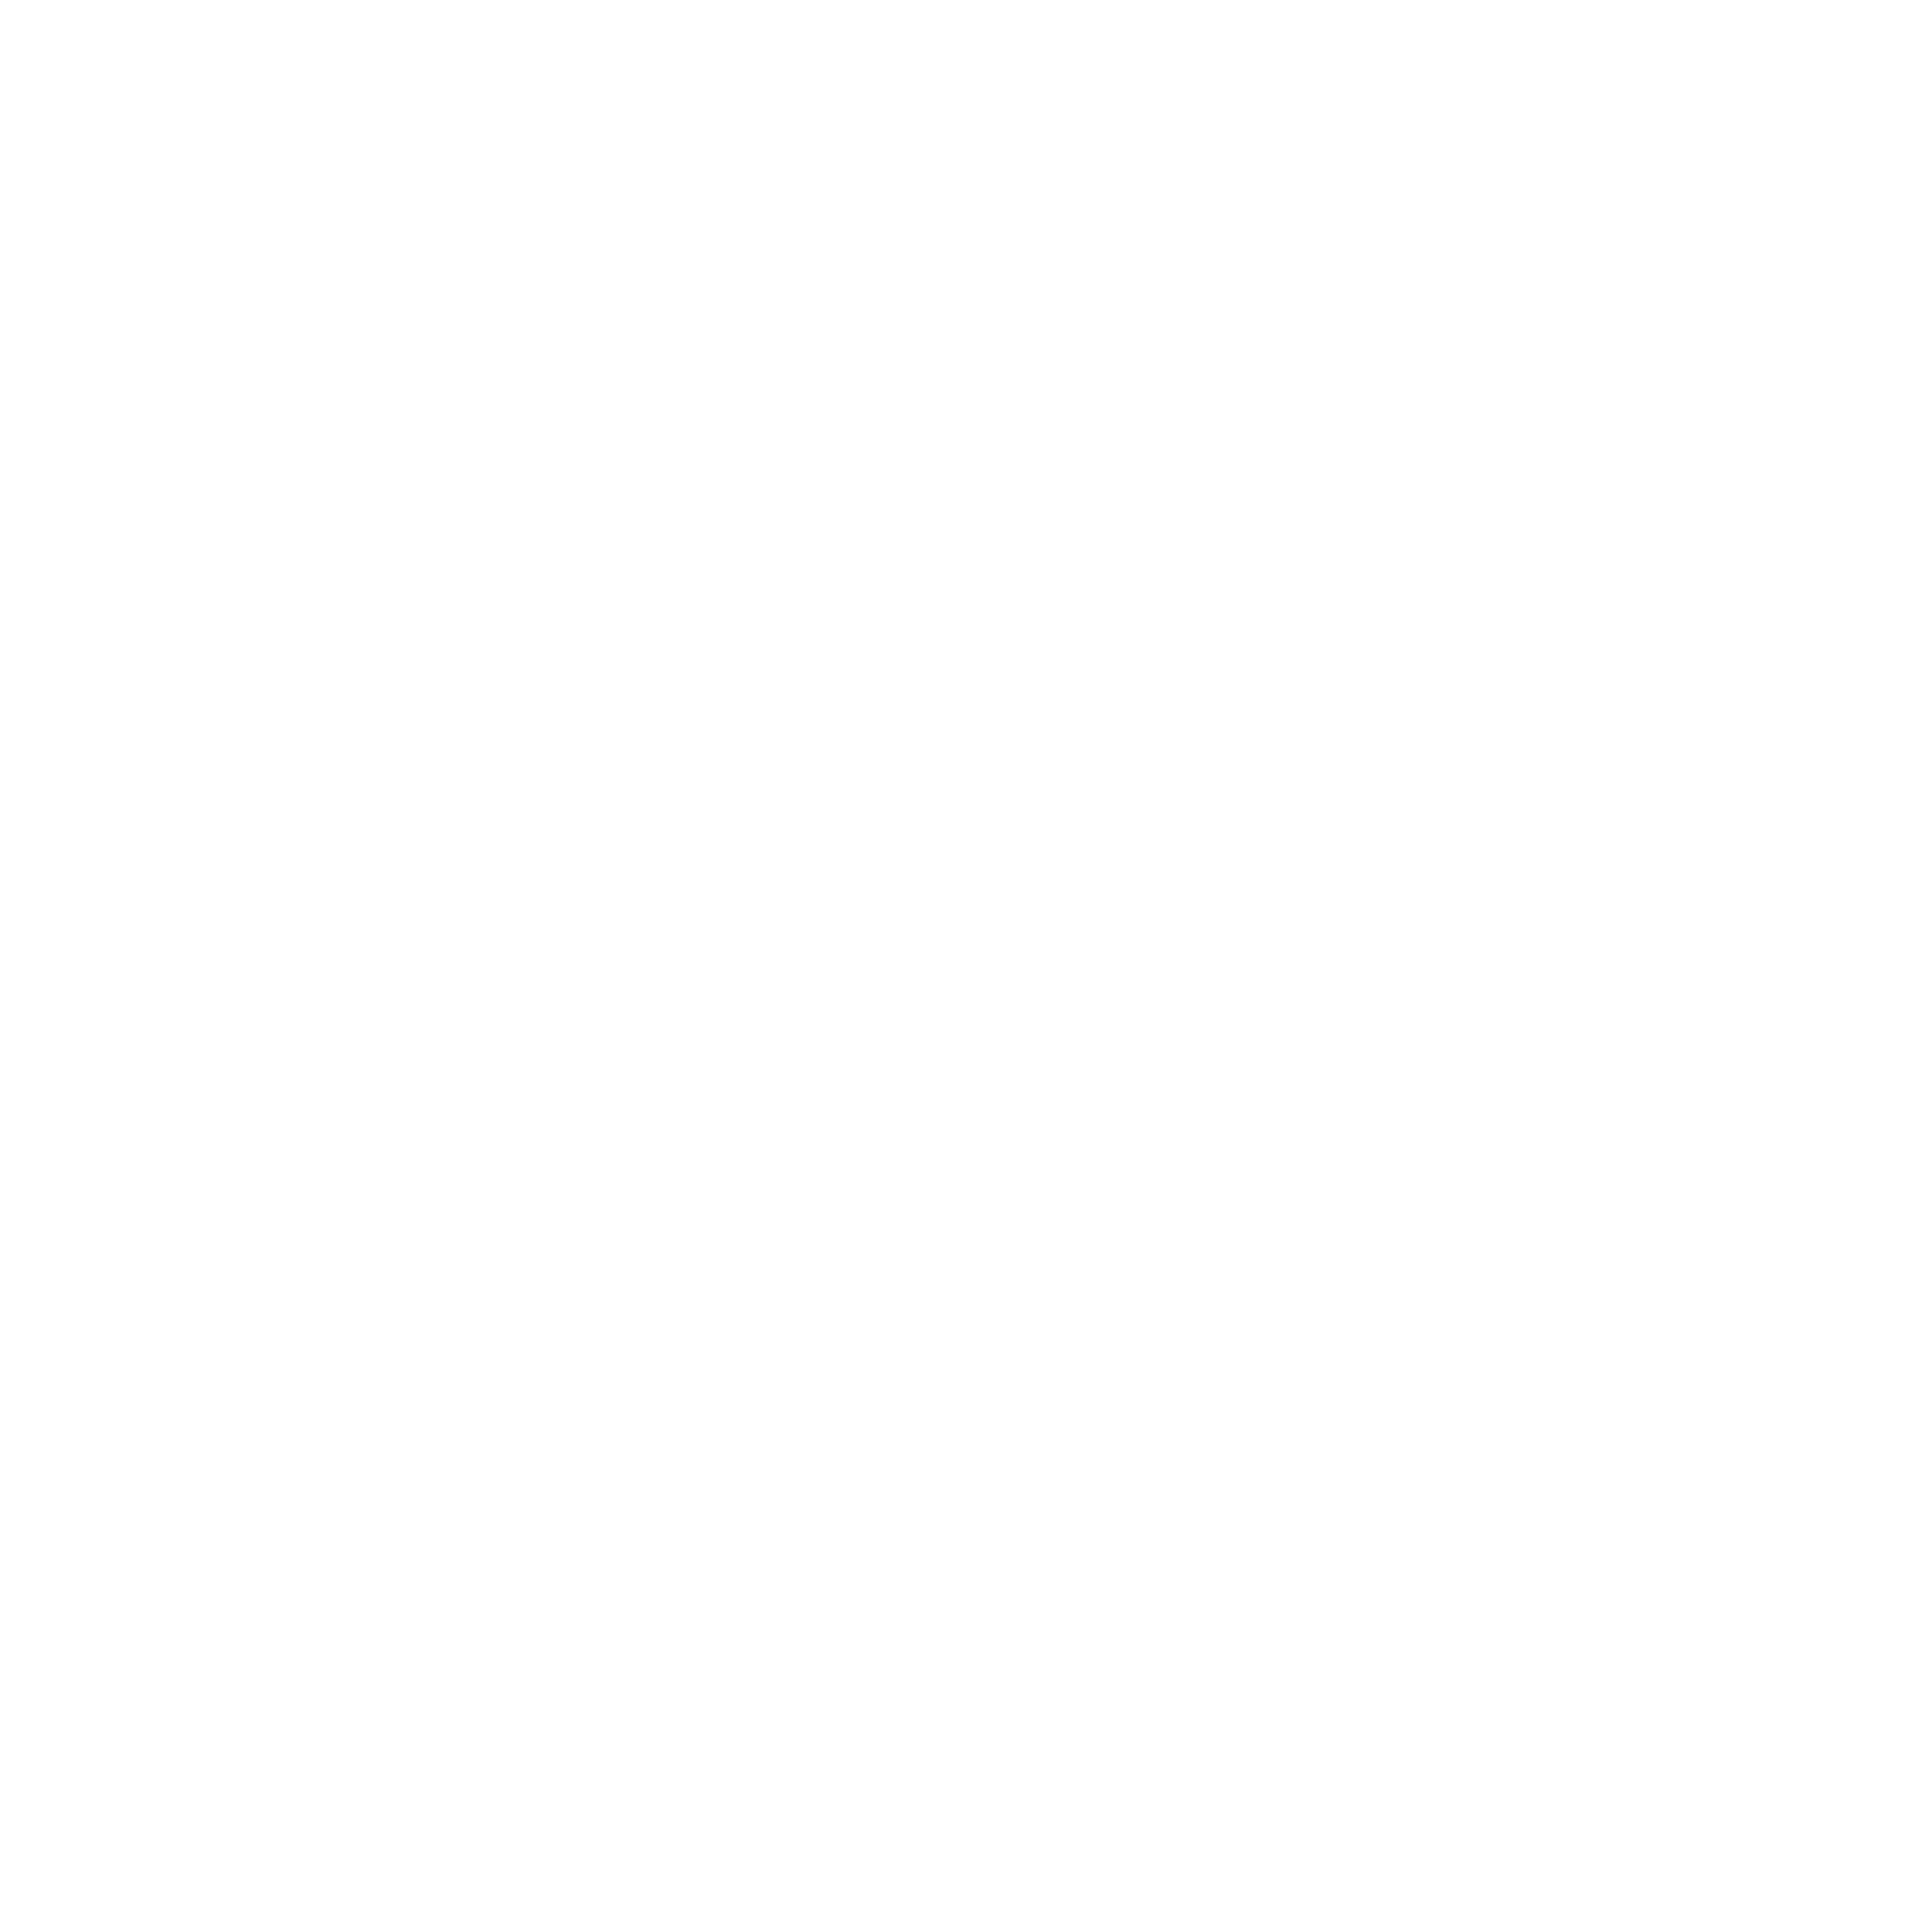 SECOMI